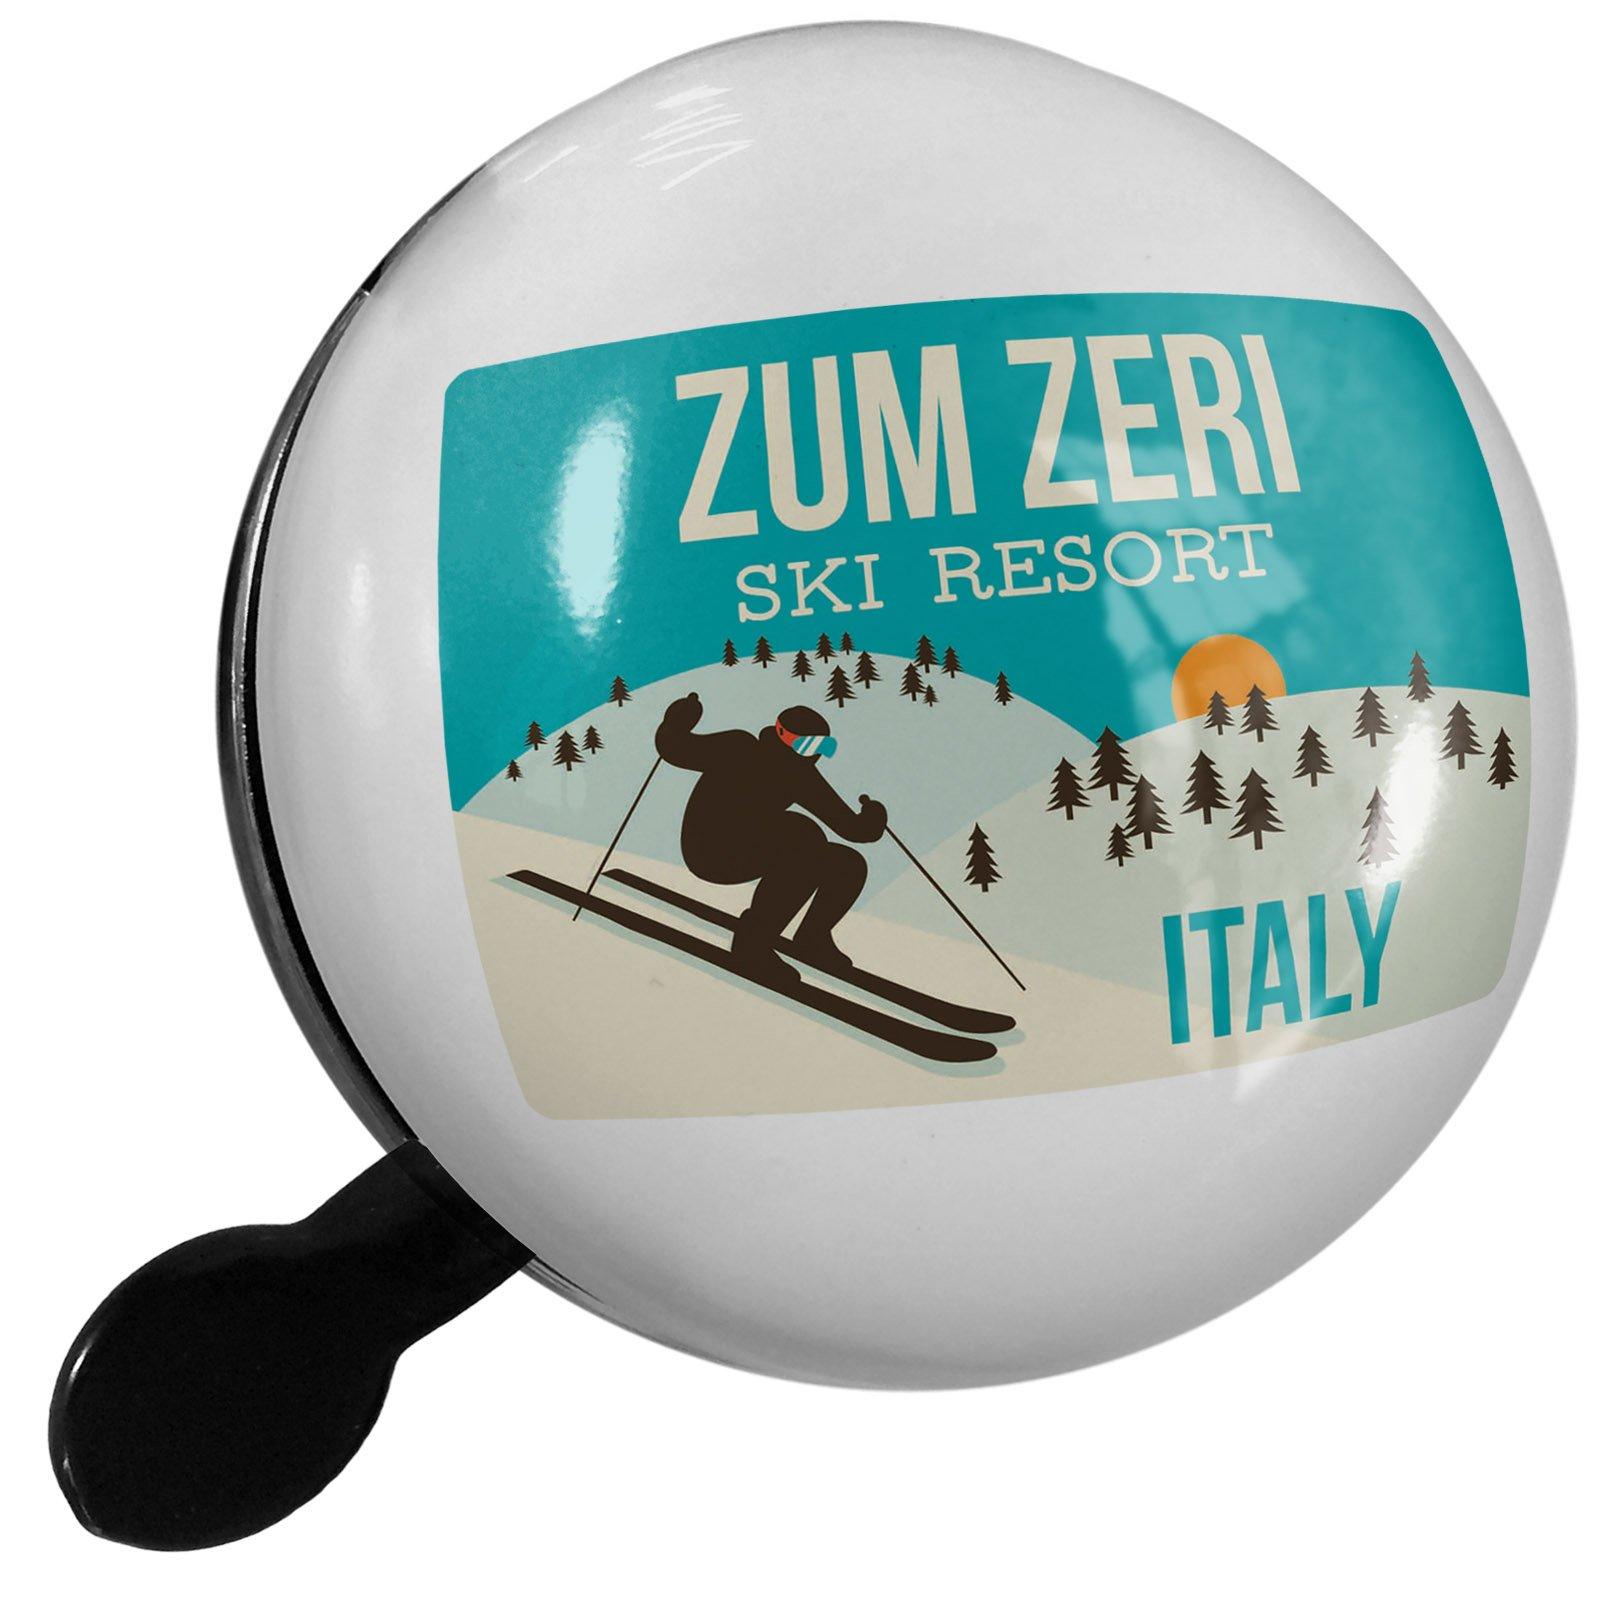 Small Bike Bell Zum Zeri Ski Resort - Italy Ski Resort - NEONBLOND